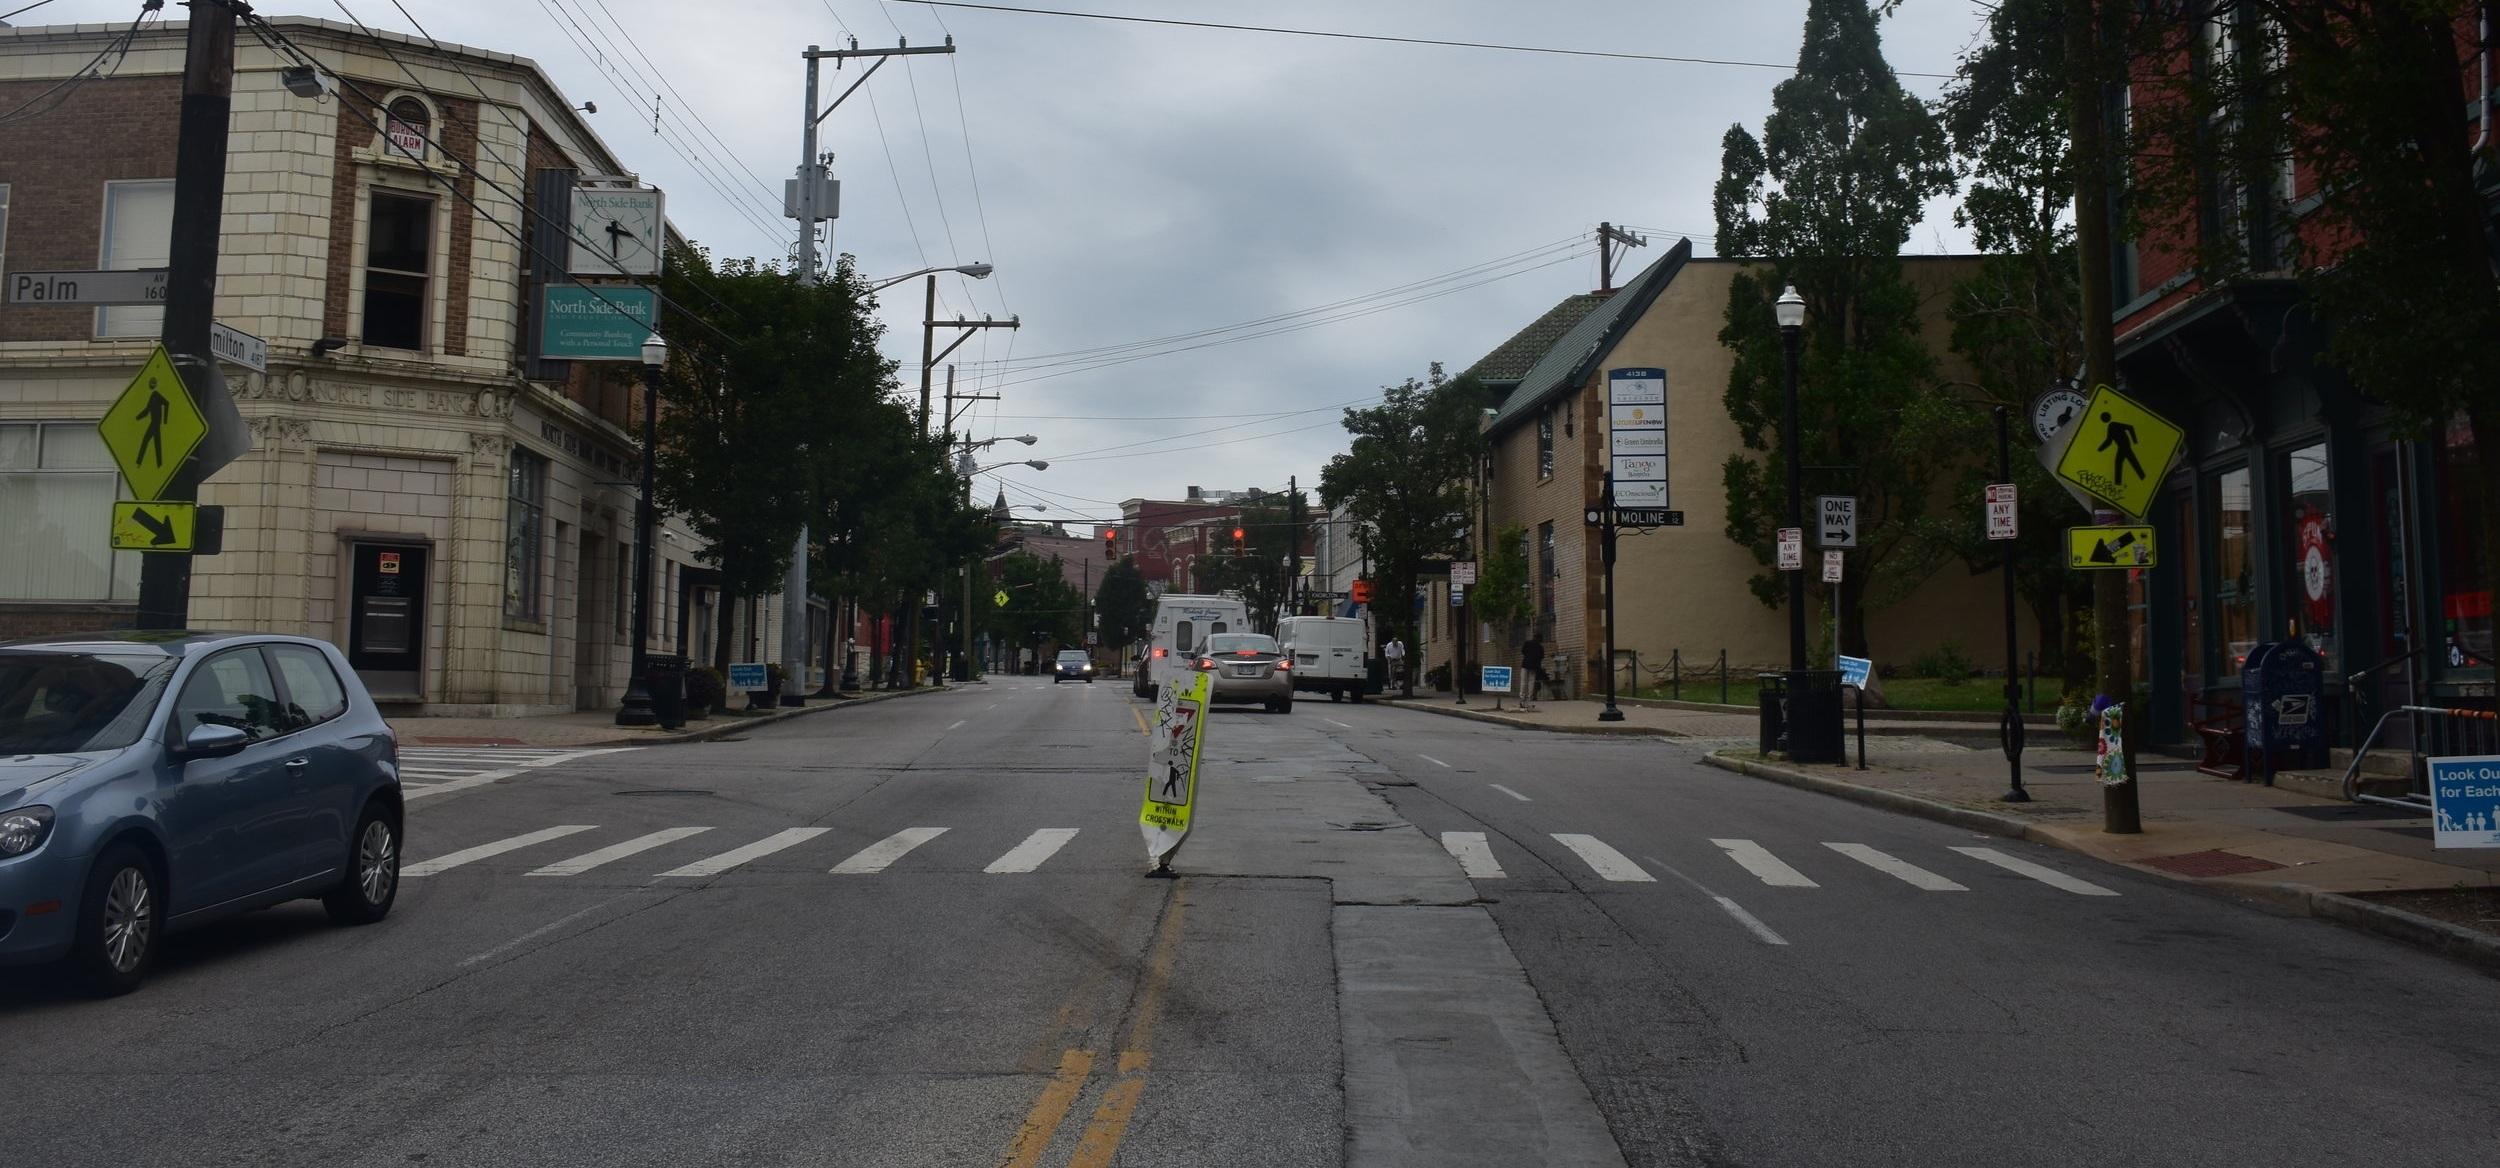 crosswalk%2B2.jpg